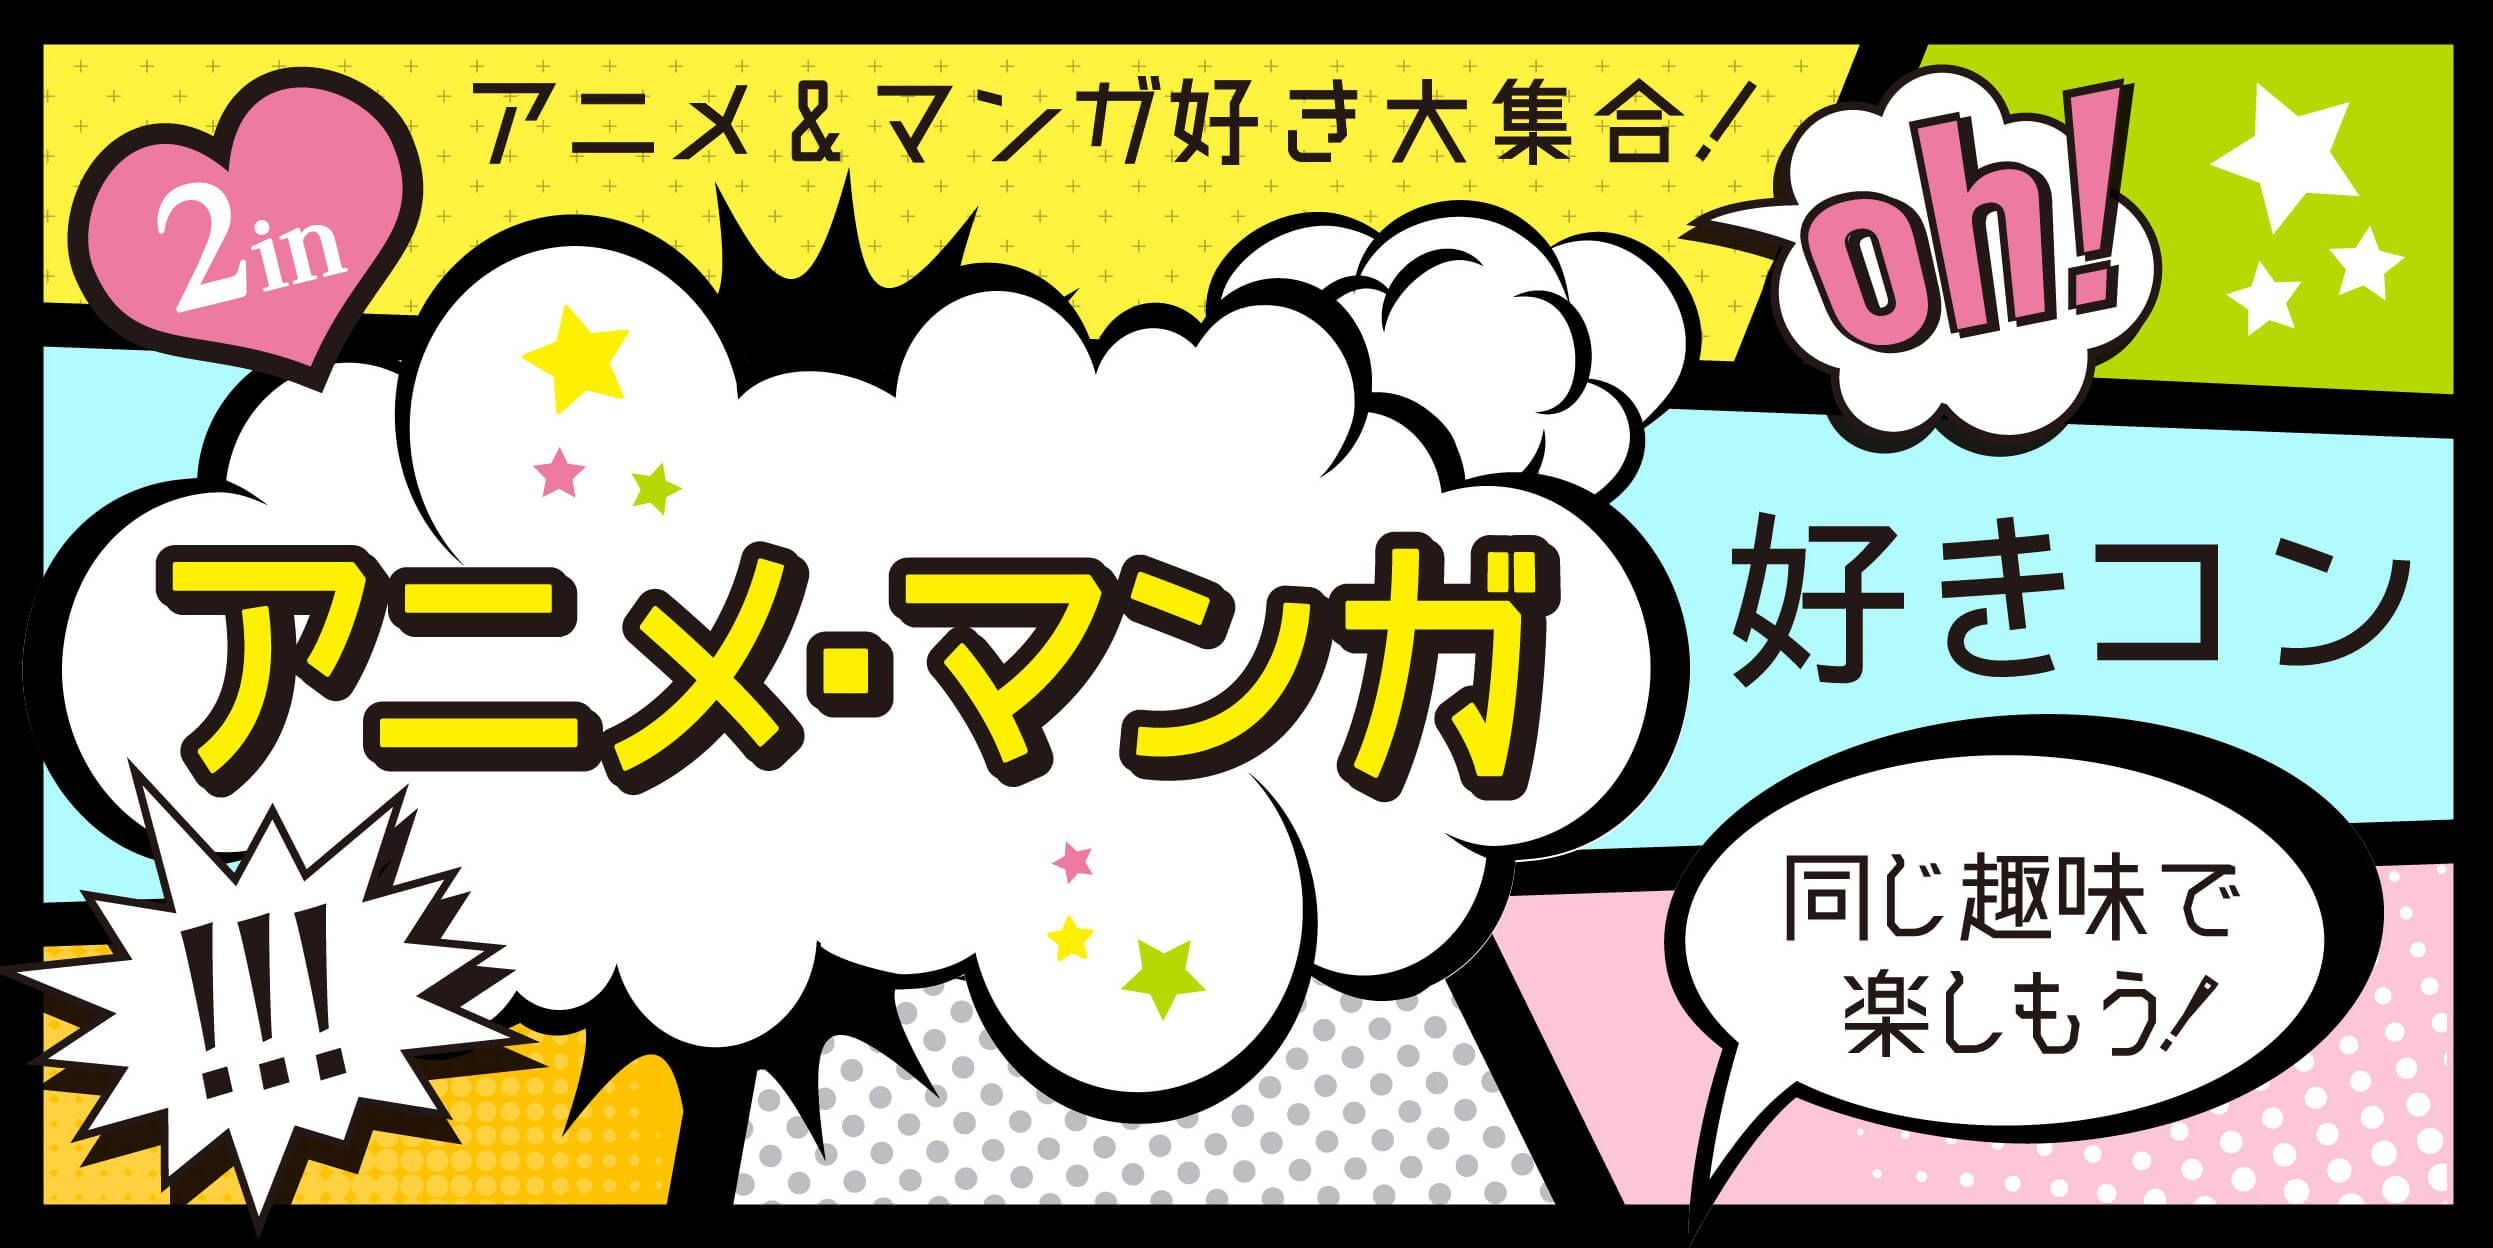 【共通の趣味で会話が尽きない!】3月18日(土)アニメとマンガ好きコンin高松〜一人参加大歓迎!大好きなものを語り合おう★〜